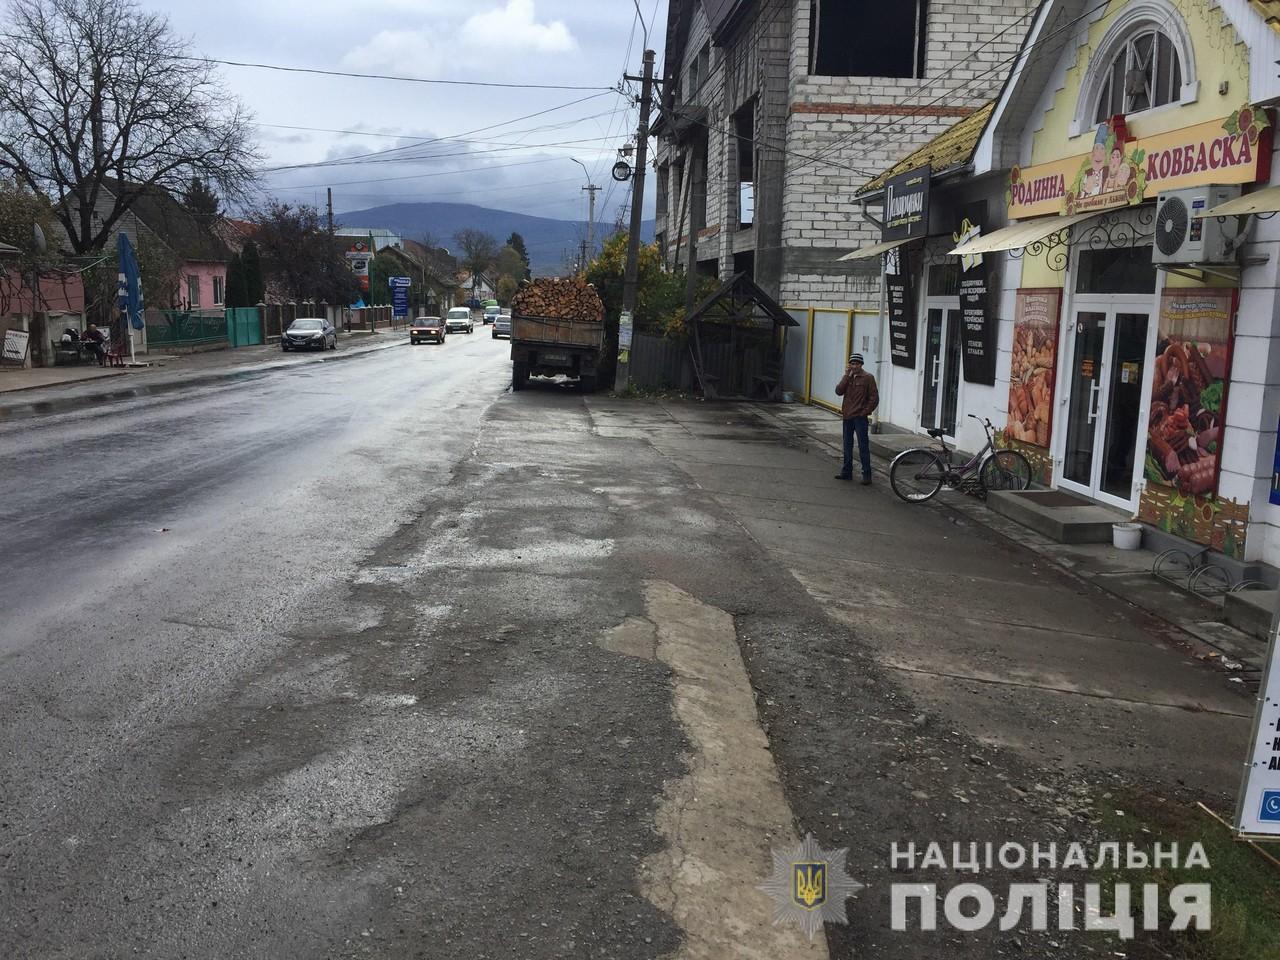 Вночі у Тячеві від жінки вкрали мопед Suzuki, який вона залишила на автобусній зупинці